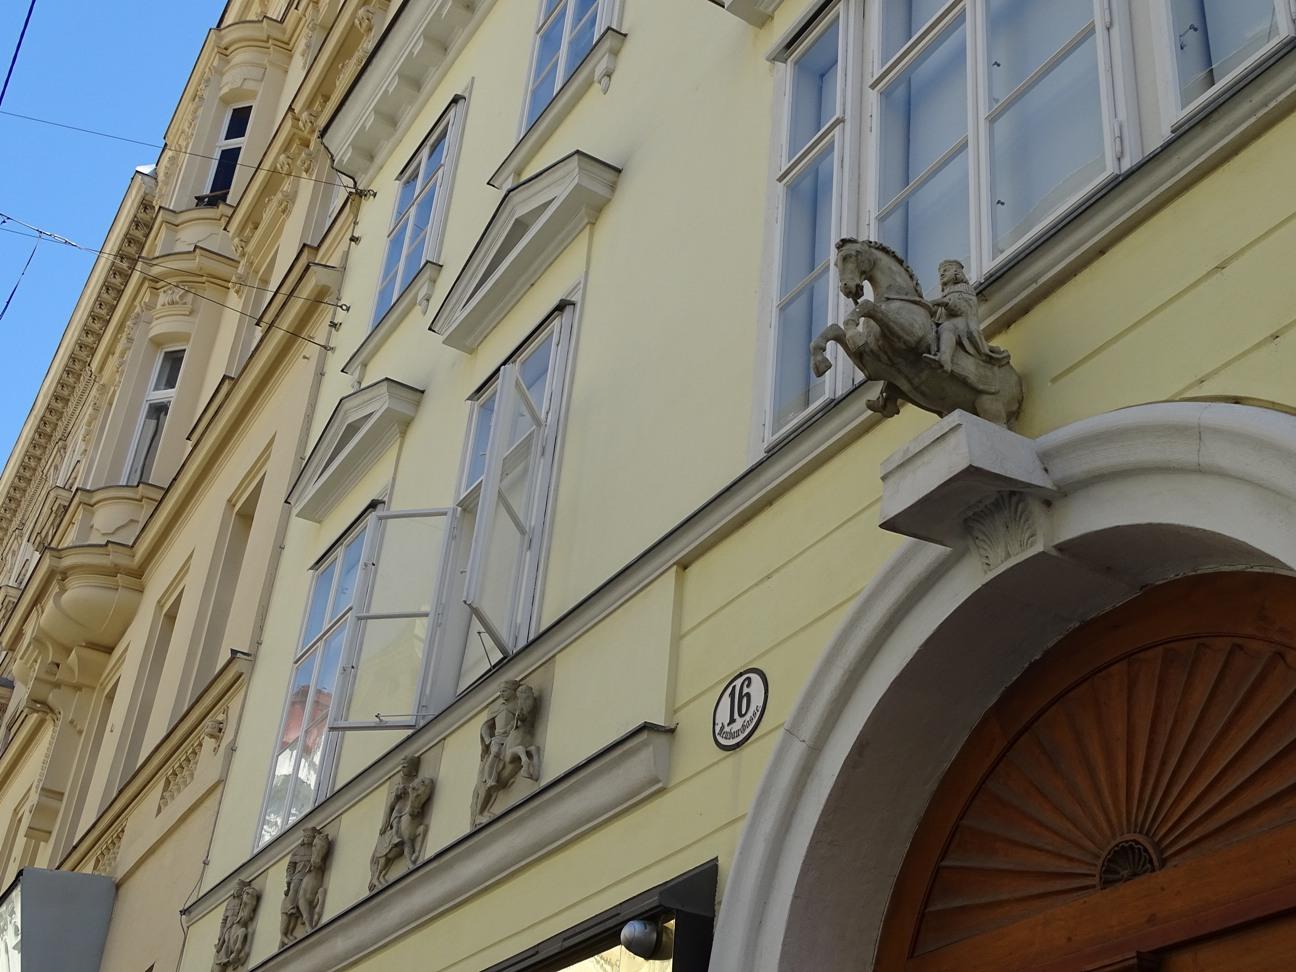 Zu den neun Churfürsten: Das Haus in der Neubaugasse 16 trägt auch heute noch seinen historischen Schildnamen.